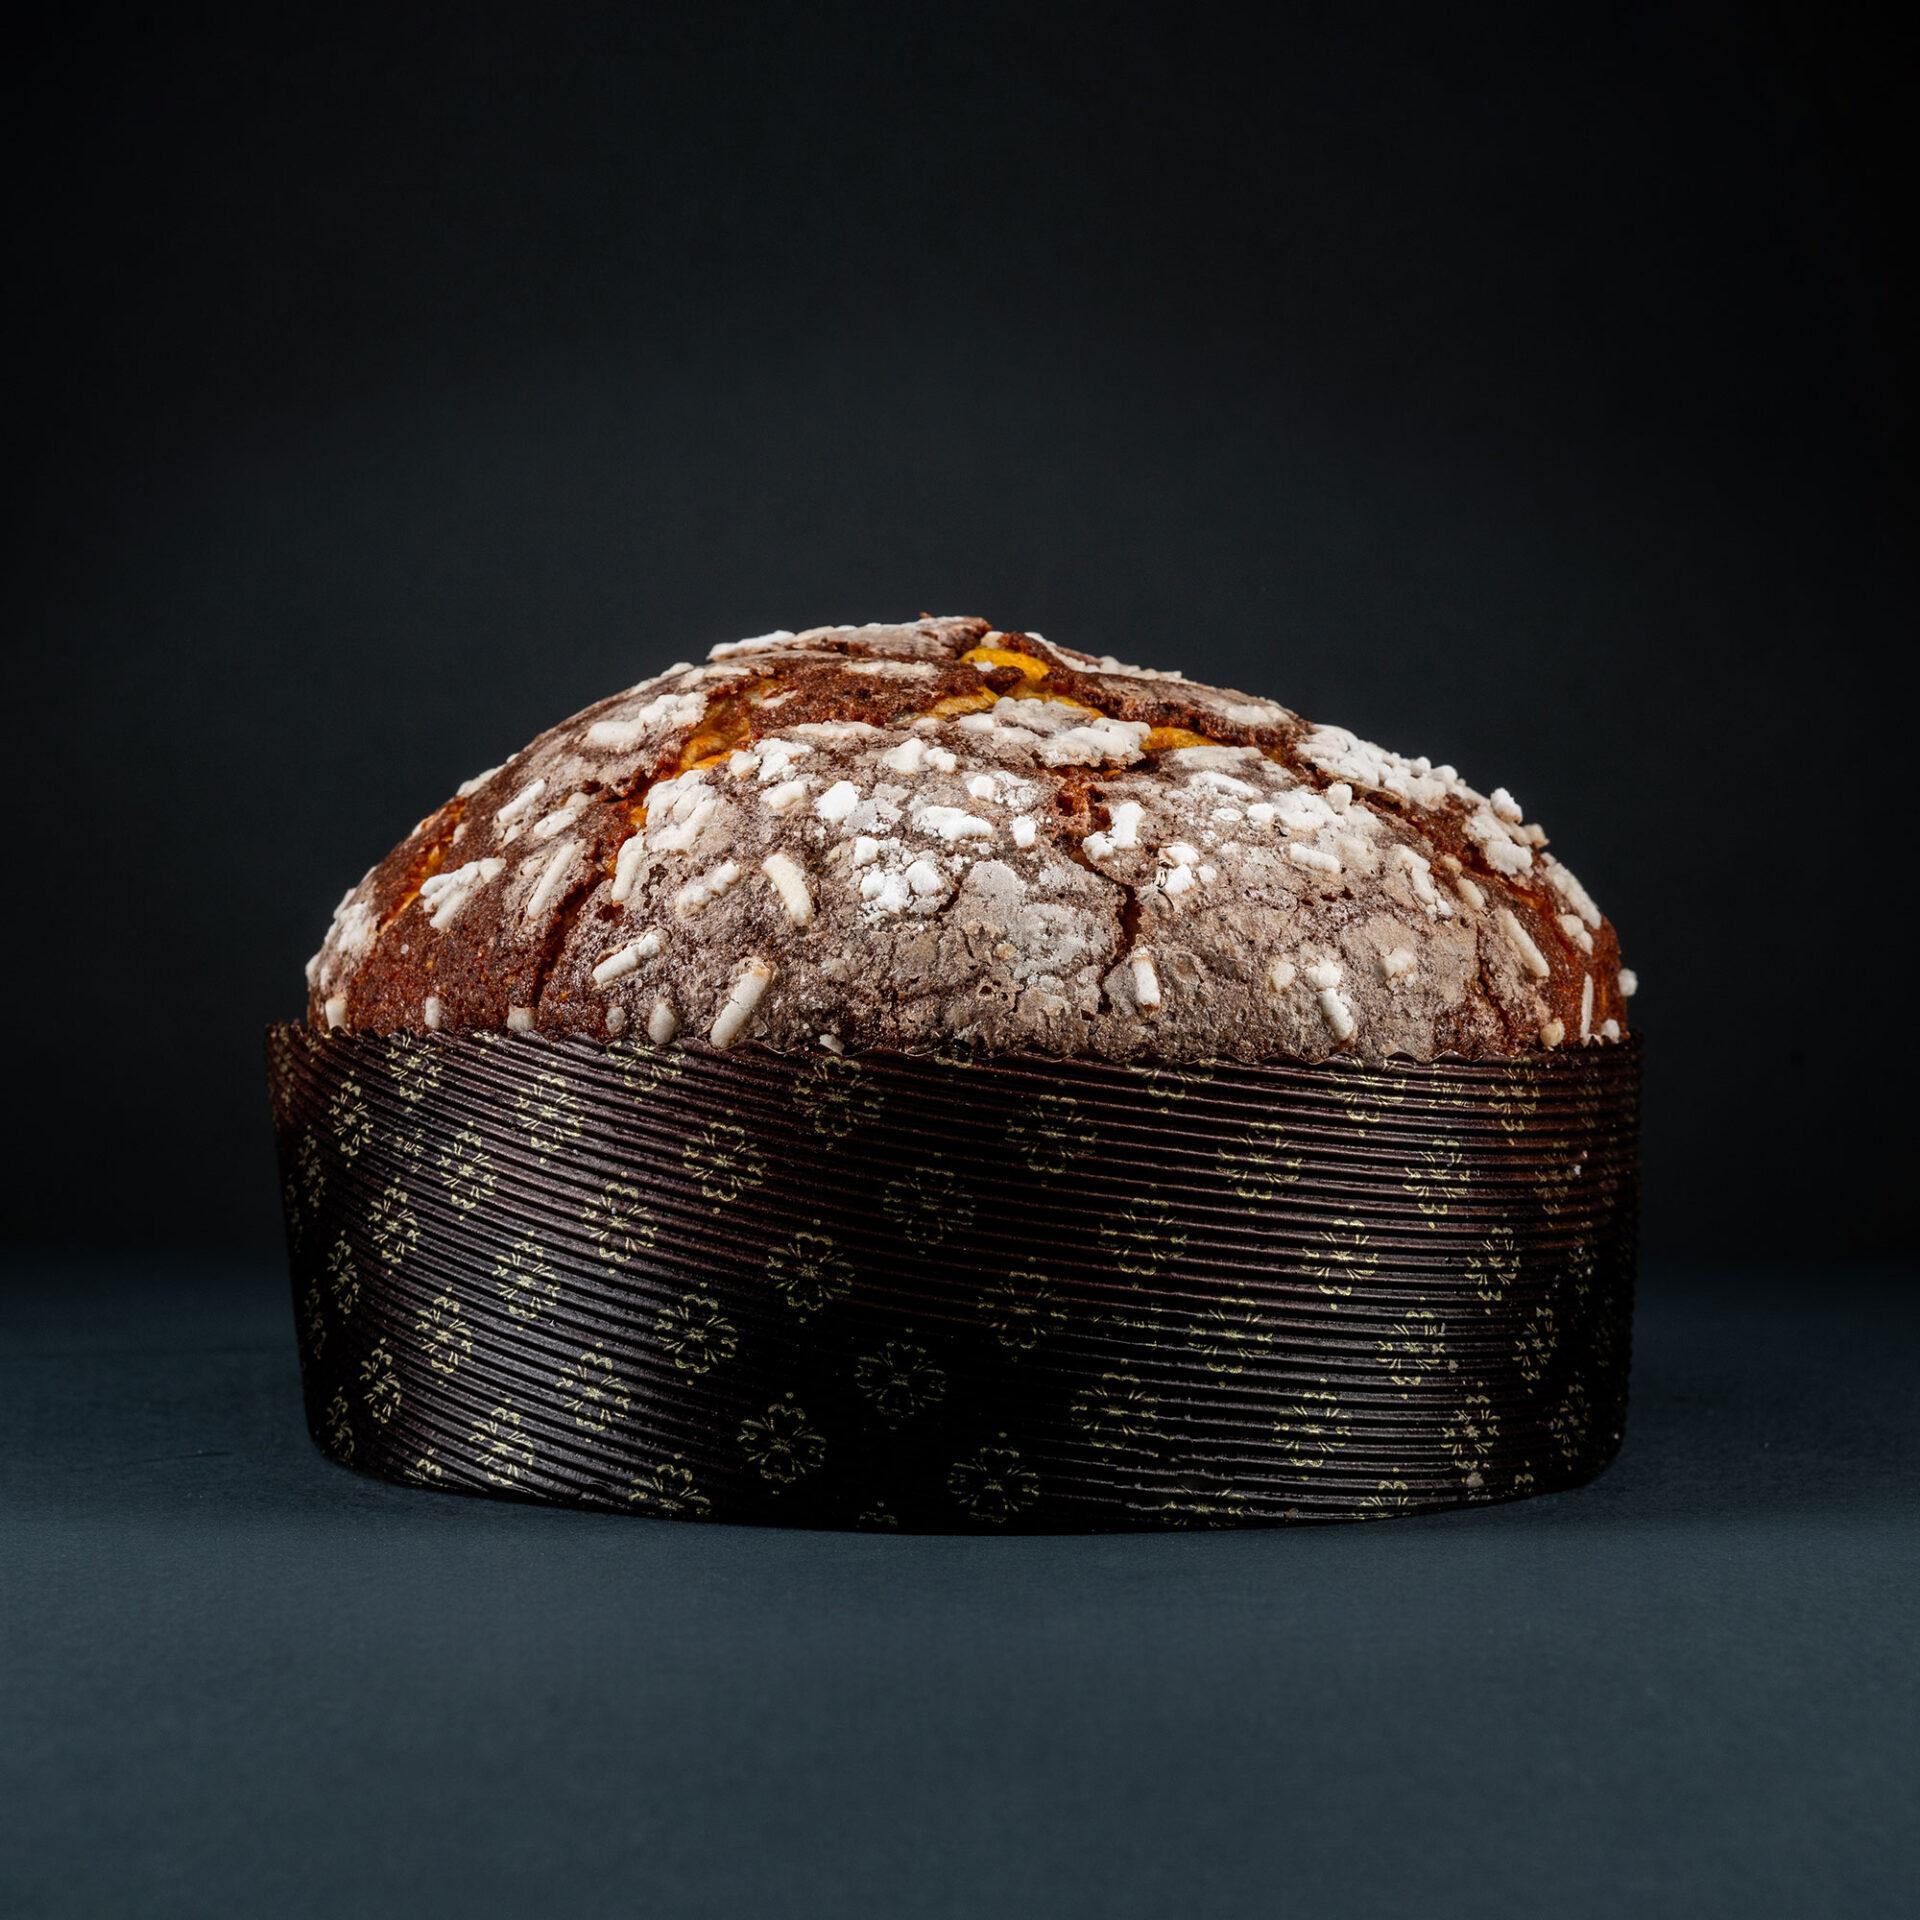 Veneziana autunnale ai marroni canditi e perle di cioccolato